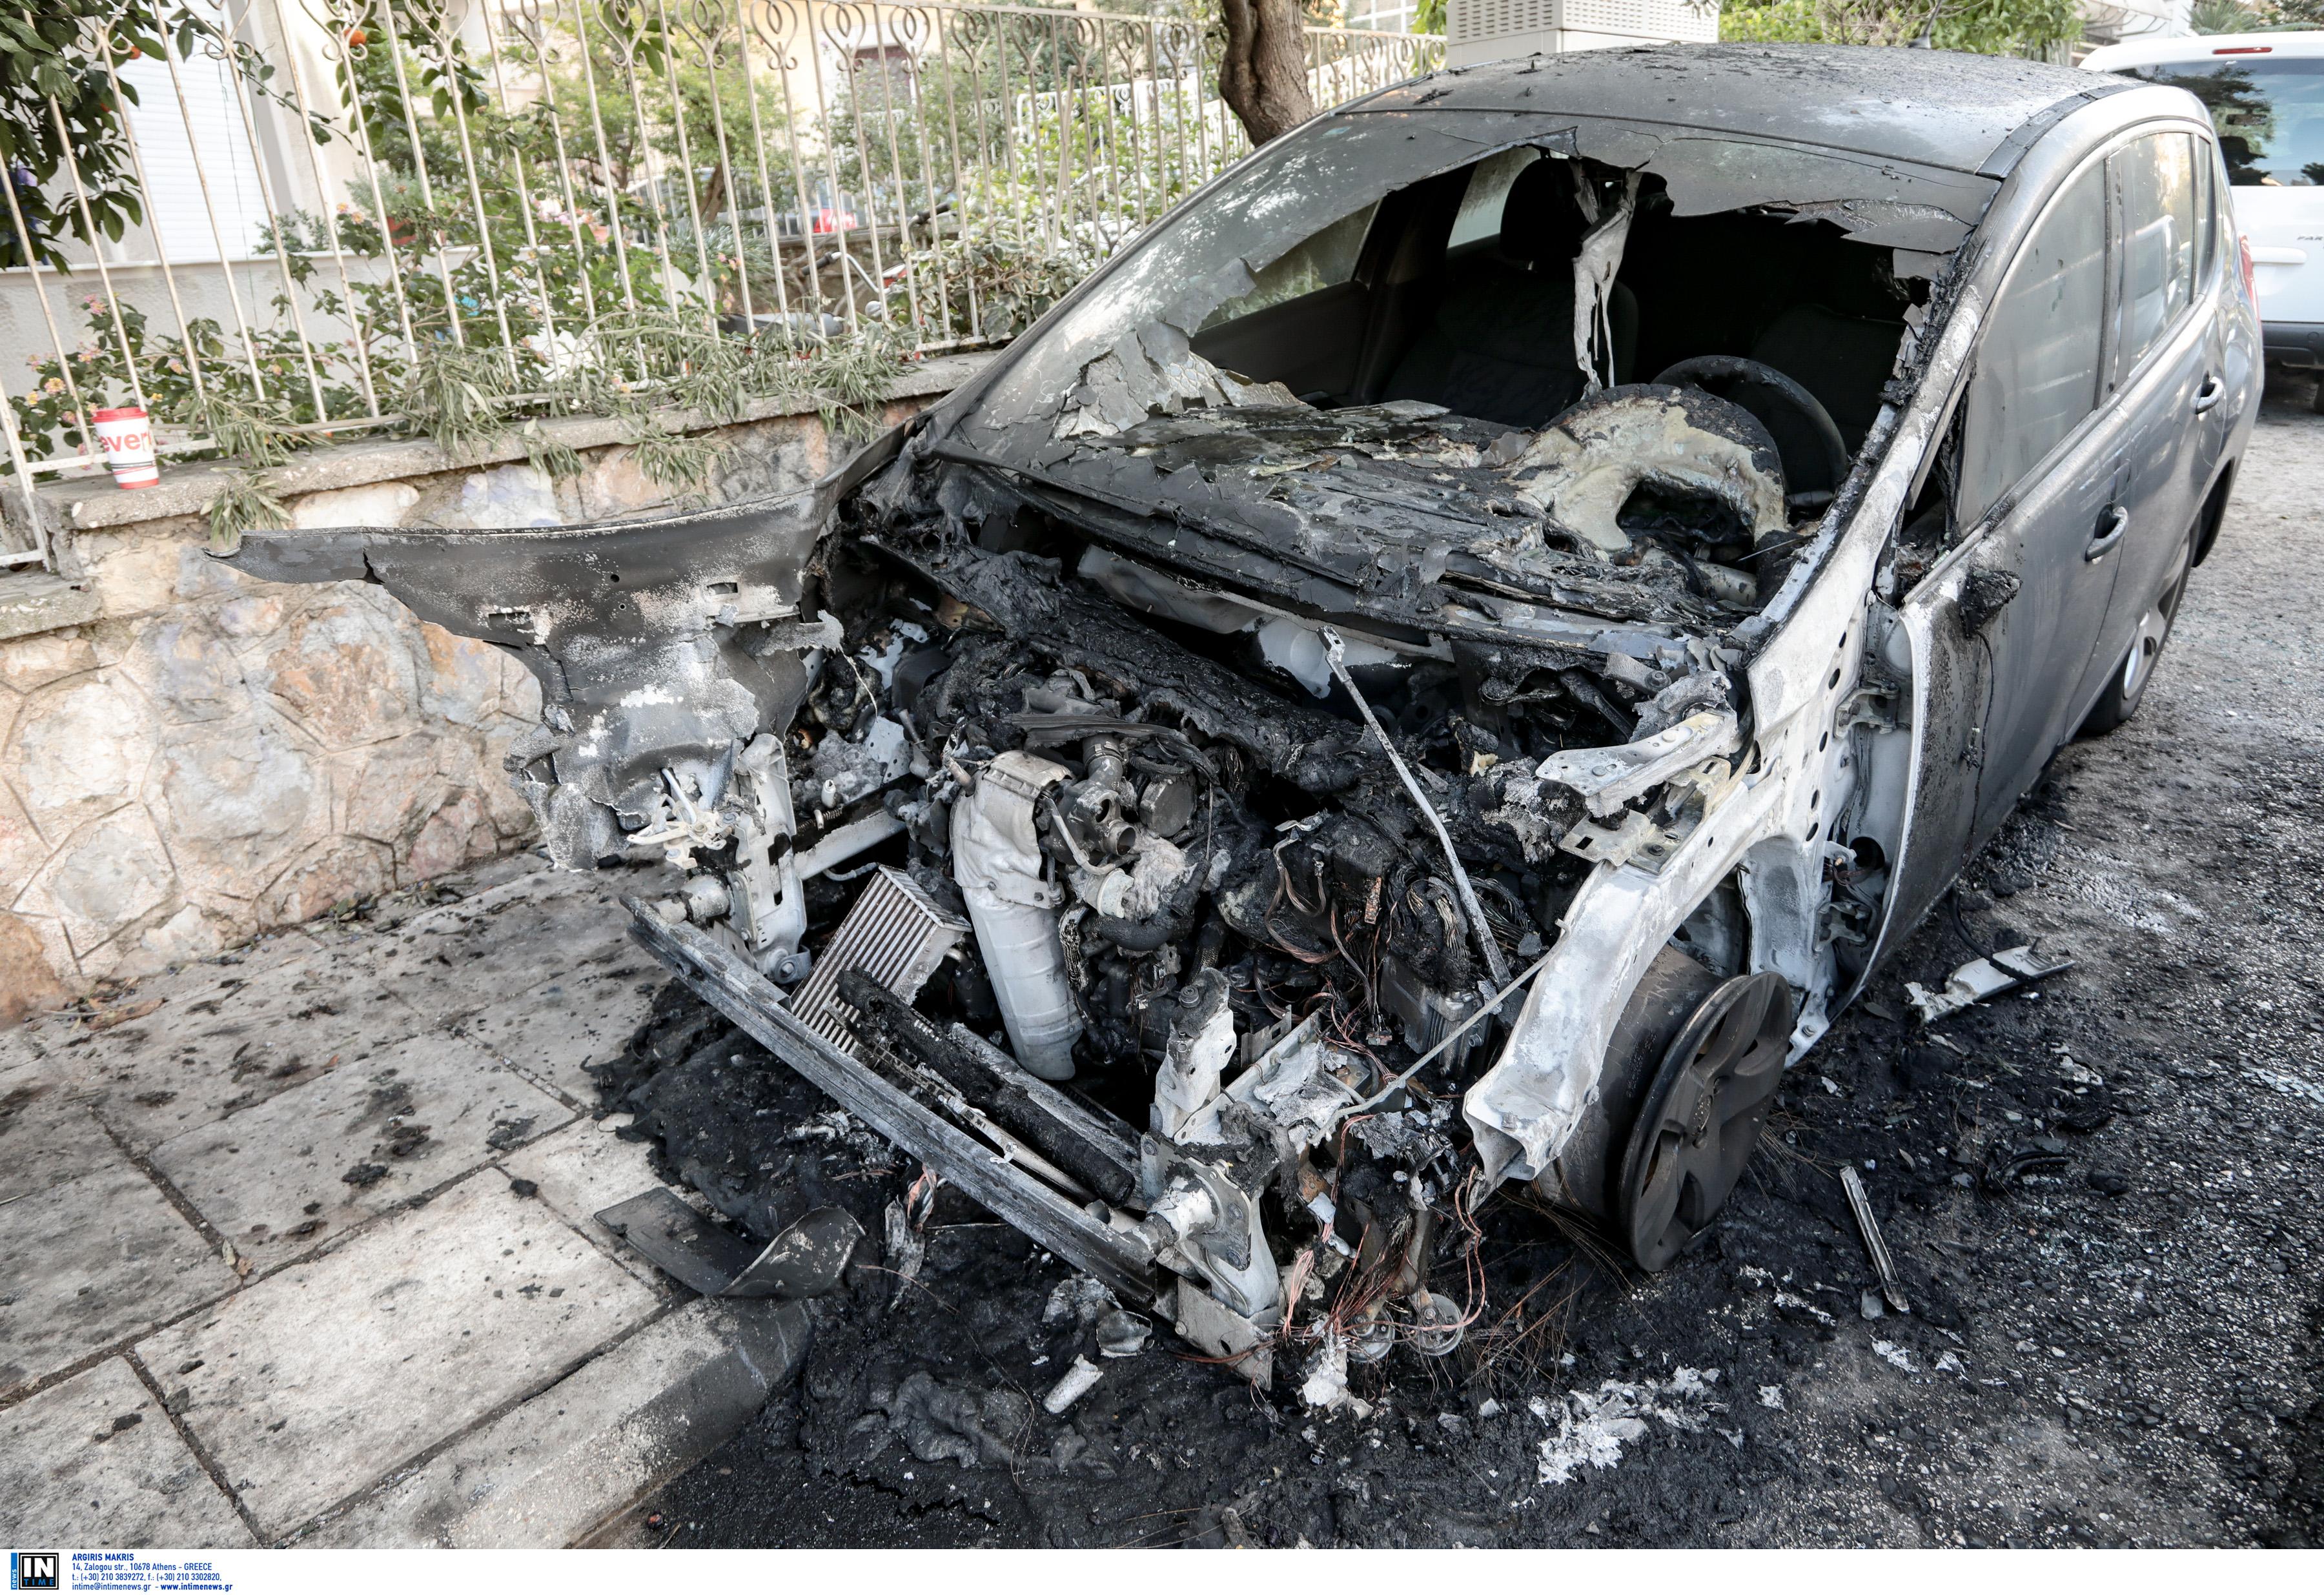 Οι πρώτες εικόνες από το καμένο αυτοκίνητο της διευθύντριας του ψυχιατρείου Κορυδαλλού